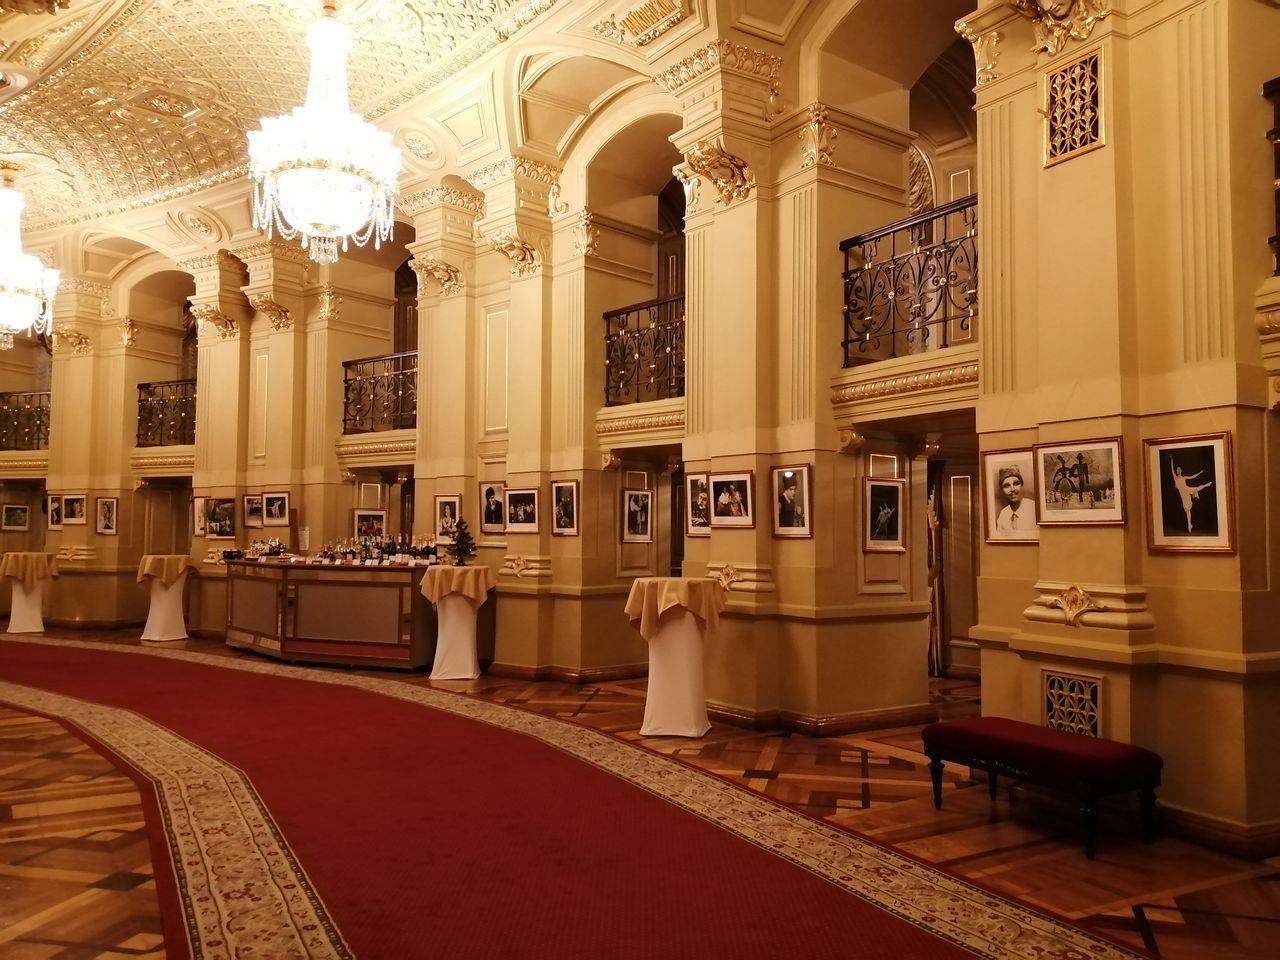 Cuánto cuesta viajar a Kiev: ¿qué te parecería pagar 4€ por ver El Cascanueces en la Ópera Nacional?